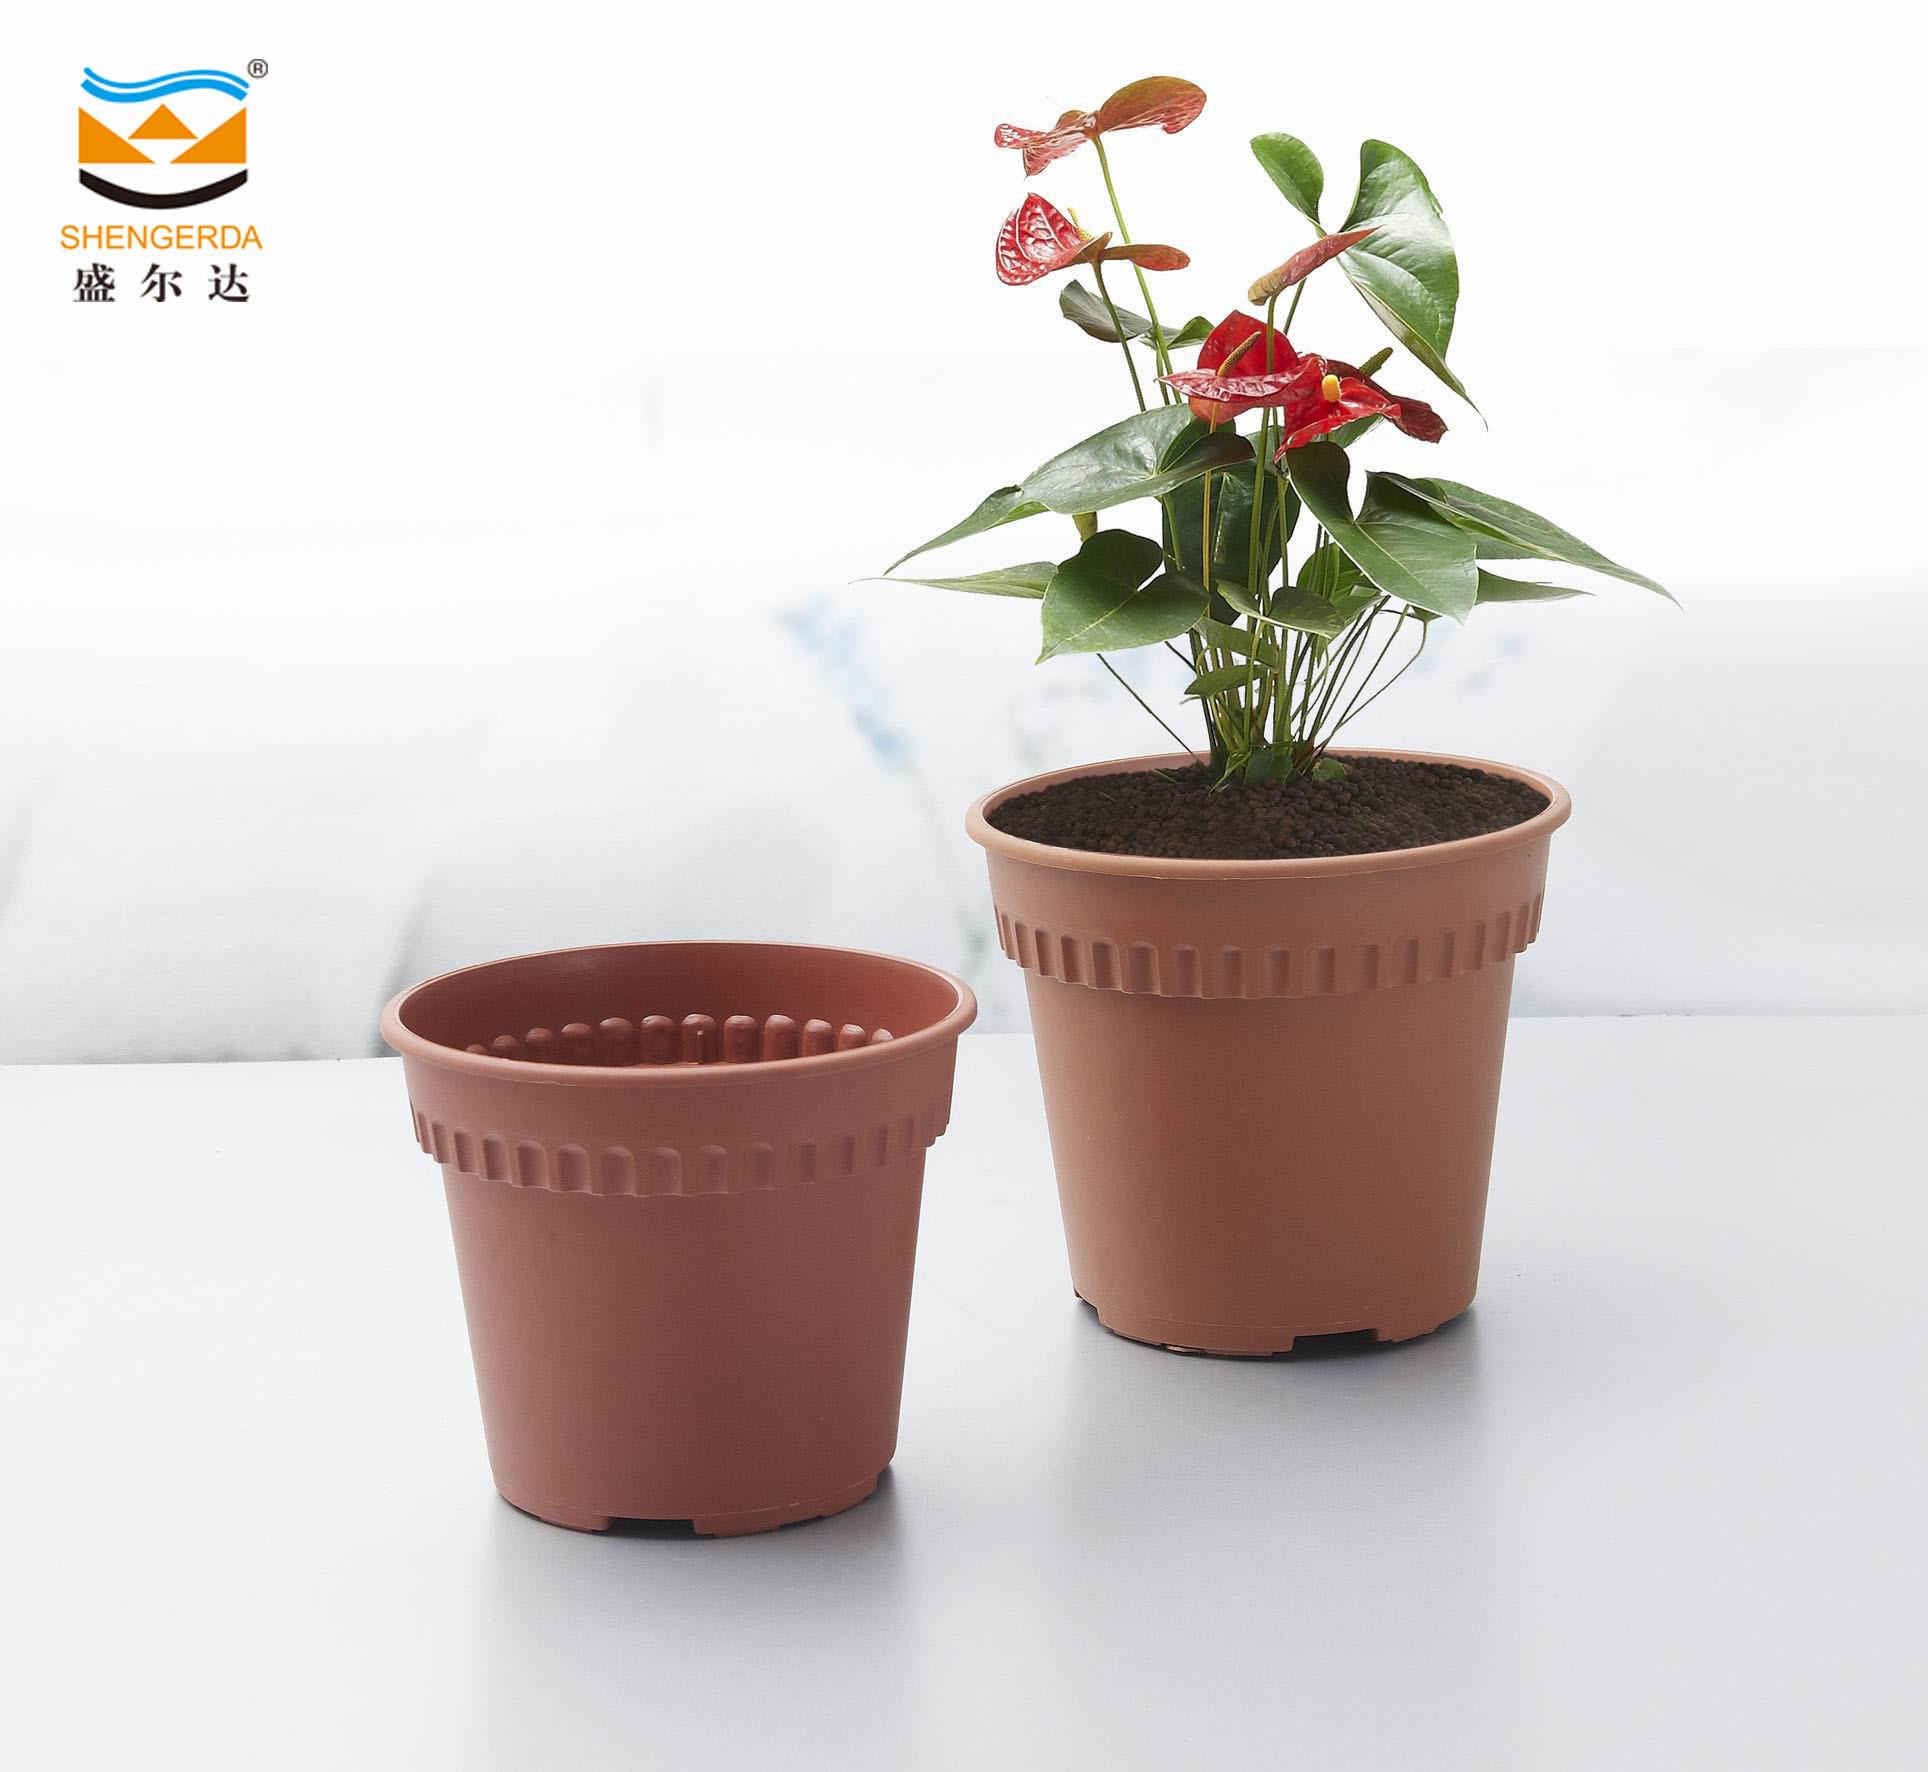 petit pot de fleur avec la couleur de terre cuite hg 2824 petit pot de fleur avec la couleur. Black Bedroom Furniture Sets. Home Design Ideas